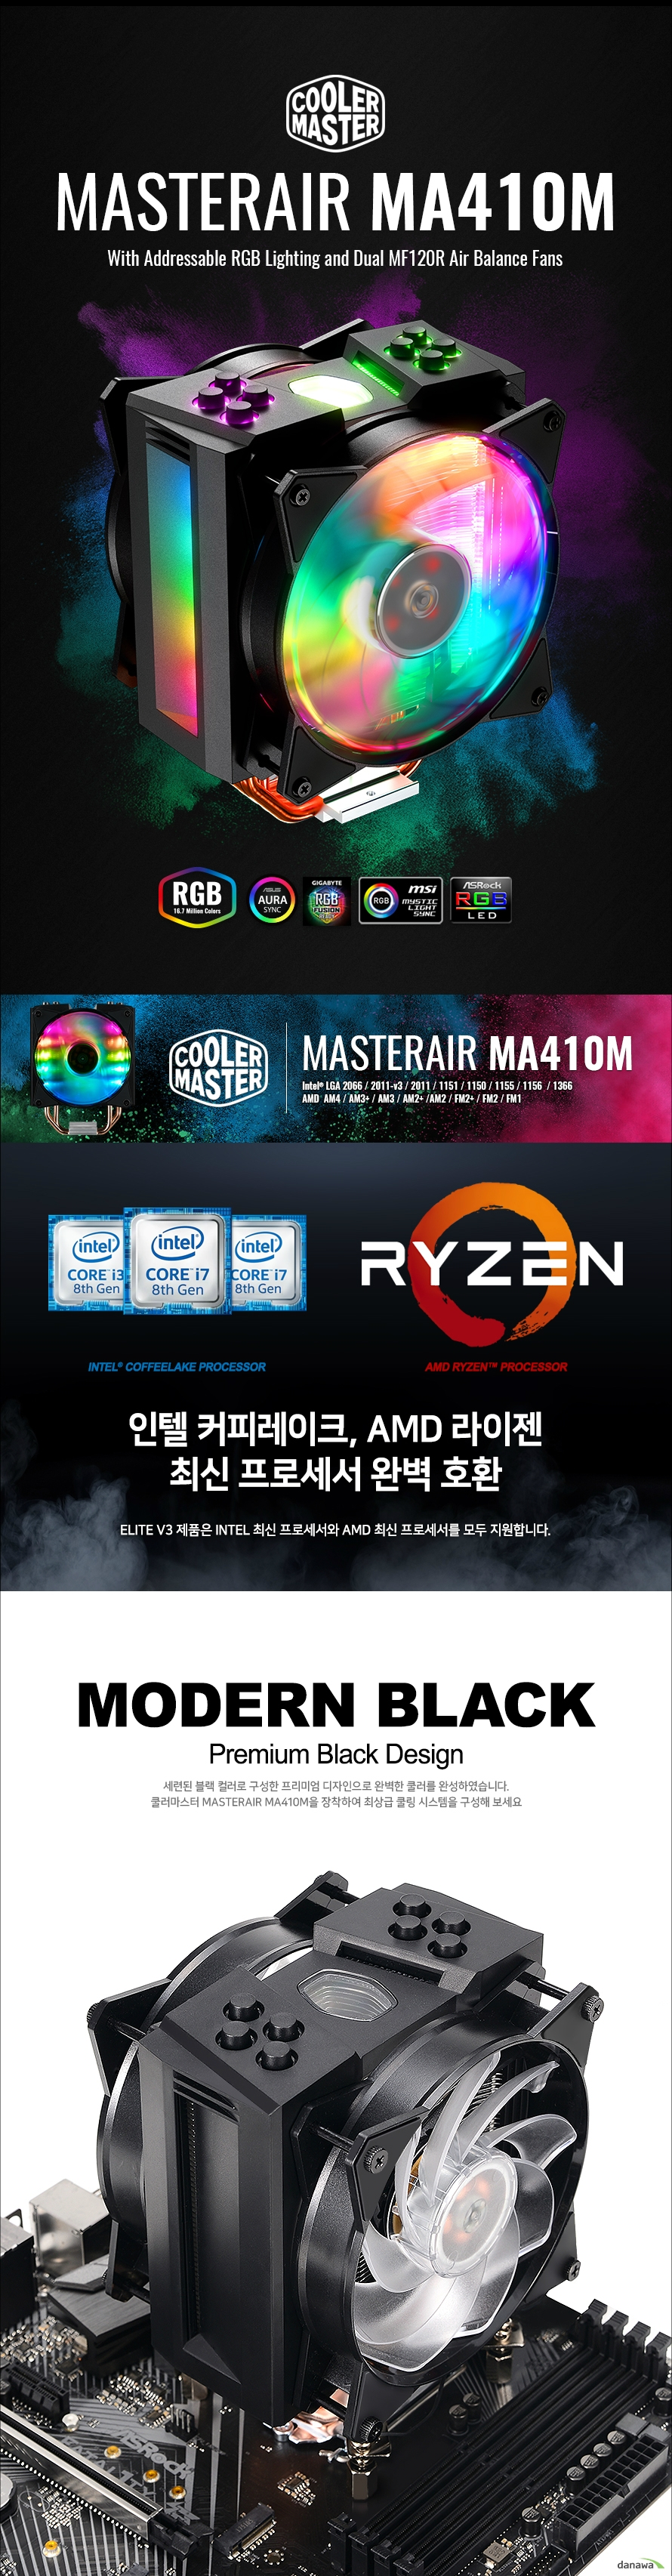 MASTERAIR MA410M With Addressable RGB Lighting and Dual MF120R Air Balance Fans Intel LGA 2066 / 2011-v3 / 2011 / 1151 / 1150 / 1155 / 1156 / 1366 AMD AM4 / AM3+ / AM3 / AM2+ /AM2 / FM2+ / FM2 / FM1 인텔 커피레이크, AMD 라이젠 최신 프로세서 완벽 호환 MODERN BLACK Premium Black Design 세련된 블랙 컬러로 구성한 프리미엄 디자인으로 완벽한 쿨러를 완성하였습니다. 쿨러마스터 MASTERAIR MA410M을 장착하여 최상급 쿨링 시스템을 구성해 보세요 뛰어난 성능과 1670만 컬러 RGB LED로 완성되는 쿨링 4개의 히트파이프와 120mm 듀얼 쿨링팬으로 뛰어난 냉각 성능을 자랑하며 1670만 컬러 RGB LED로 강력한 튜닝 효과까지 동시에 갖추었습니다. PLAY WITH COLORS USING THE RGB LED CONTROLLER MASTERAIR MA410M 쿨러에 기본으로 제공되는 RGB LED 컨트롤러로 언제나 간편하게 원하는 설정으로 쿨링팬 LED 효과를 설정할 수 있습니다. 1670만 컬러로 한계가 없는 환상적인 RGB LED를 경험하세요. ALUMINUM TOWER HEATSINK SYSTEM MASTERAIR MA410M은 극한의 쿨링 성능을 위해 알루미늄 타워 히트싱크를 적용하였습니다. 고급 알루미늄 소재로 이루어져 있으며 MasterFan 시리즈 쿨링 팬인 MF120R ARGB 120mm 팬을 기본 두 개 장착하여 최상의 쿨링 효율을 자랑합니다. Copper Heatpipe x4 4개의 히트파이프를 직접적으로 CPU와 닿도록 배치하는 CDC 2.0 쿨링 시스템으로 더욱 빠르게 발열을 해소합니다. Quiet and Reliable Fans 듀얼 120mm 쿨링 팬은 높은 풍압, 낮은 소음, 긴 수명, LED까지 갖추어 뛰어난 성능과 튜닝 모든 면을 갖추었습니다. Aluminum Heatsink 알루미늄 재질의 방열판을 여러겹으로 배치하여 찬 공기와의 마찰 면적을 높여 빠르게 발열을 해소합니다. Unique Top Cover Design 독특하고 세련된 형태의 탑 커버 디자인으로 더욱 화려하고 유니크한 나만의 PC를 구성할 수 있습니다. Continuous Direct Contact Technology 2.0 고효율 다이렉트 쿨링시스템 CDC 1.0에 비해 CDC 2.0은 히트파이프를 함께 압축하여 쿨러베이스에 45 % 더 많은 접촉 표면적을 생성합니다. 열 발산 능력을 크게 향상시키고 이전 보다 훨씬 우수한 성능을 발휘합니다. MasterFan MF120R ARGB 쿨러마스터 하이엔드 RGB 쿨링팬 쿨러마스터의 MASTERFAN MF120R ARGB 팬은 저소음 고효율 팬 쿨러입니다. 안정적이고 뛰어난 내구성으로 4만 시간의 긴 수명을 자랑하며, 반투명한 재질과 1670만 컬러 LED는 환상적인 튜닝 효과를 제공합니다. QUICK AND EASY INSTALLATION 뛰어난 유지 보수 편의성 설치 과정을 간소화하여 조립 및 분해가 간단하고, 모든 파츠를 분리할 수 있기 때문에 유지 보수가 간편합니다. MASTERAIR MA410M 제품 상세 이미지 뛰어난 마감 품질과 디자인의 품격을 느껴보세요. 제품 구성품 & 제품 상세사양 패키지 디자인 & 구성품 Product NameMasterAir MA410M CPU socketIntel LGA 2066/2011-v3 / 2011 / 1151 / 1150 / 1155 / 1156 / 1366 AMD AM4/AM3+ / AM3 / AM2+ /AM2 / FM2+ / FM2 / FM1 Dimensions (LxWxH) 111.8 x 130.9 x 165.1 mm (4.4 x 5.1 x 6.5 inch) Heat Sink Material 4 Heat Pipes / CDC 2.0 / Aluminum Fins Heat Sink weight 820 g (1.8 lb.) Heat Pi